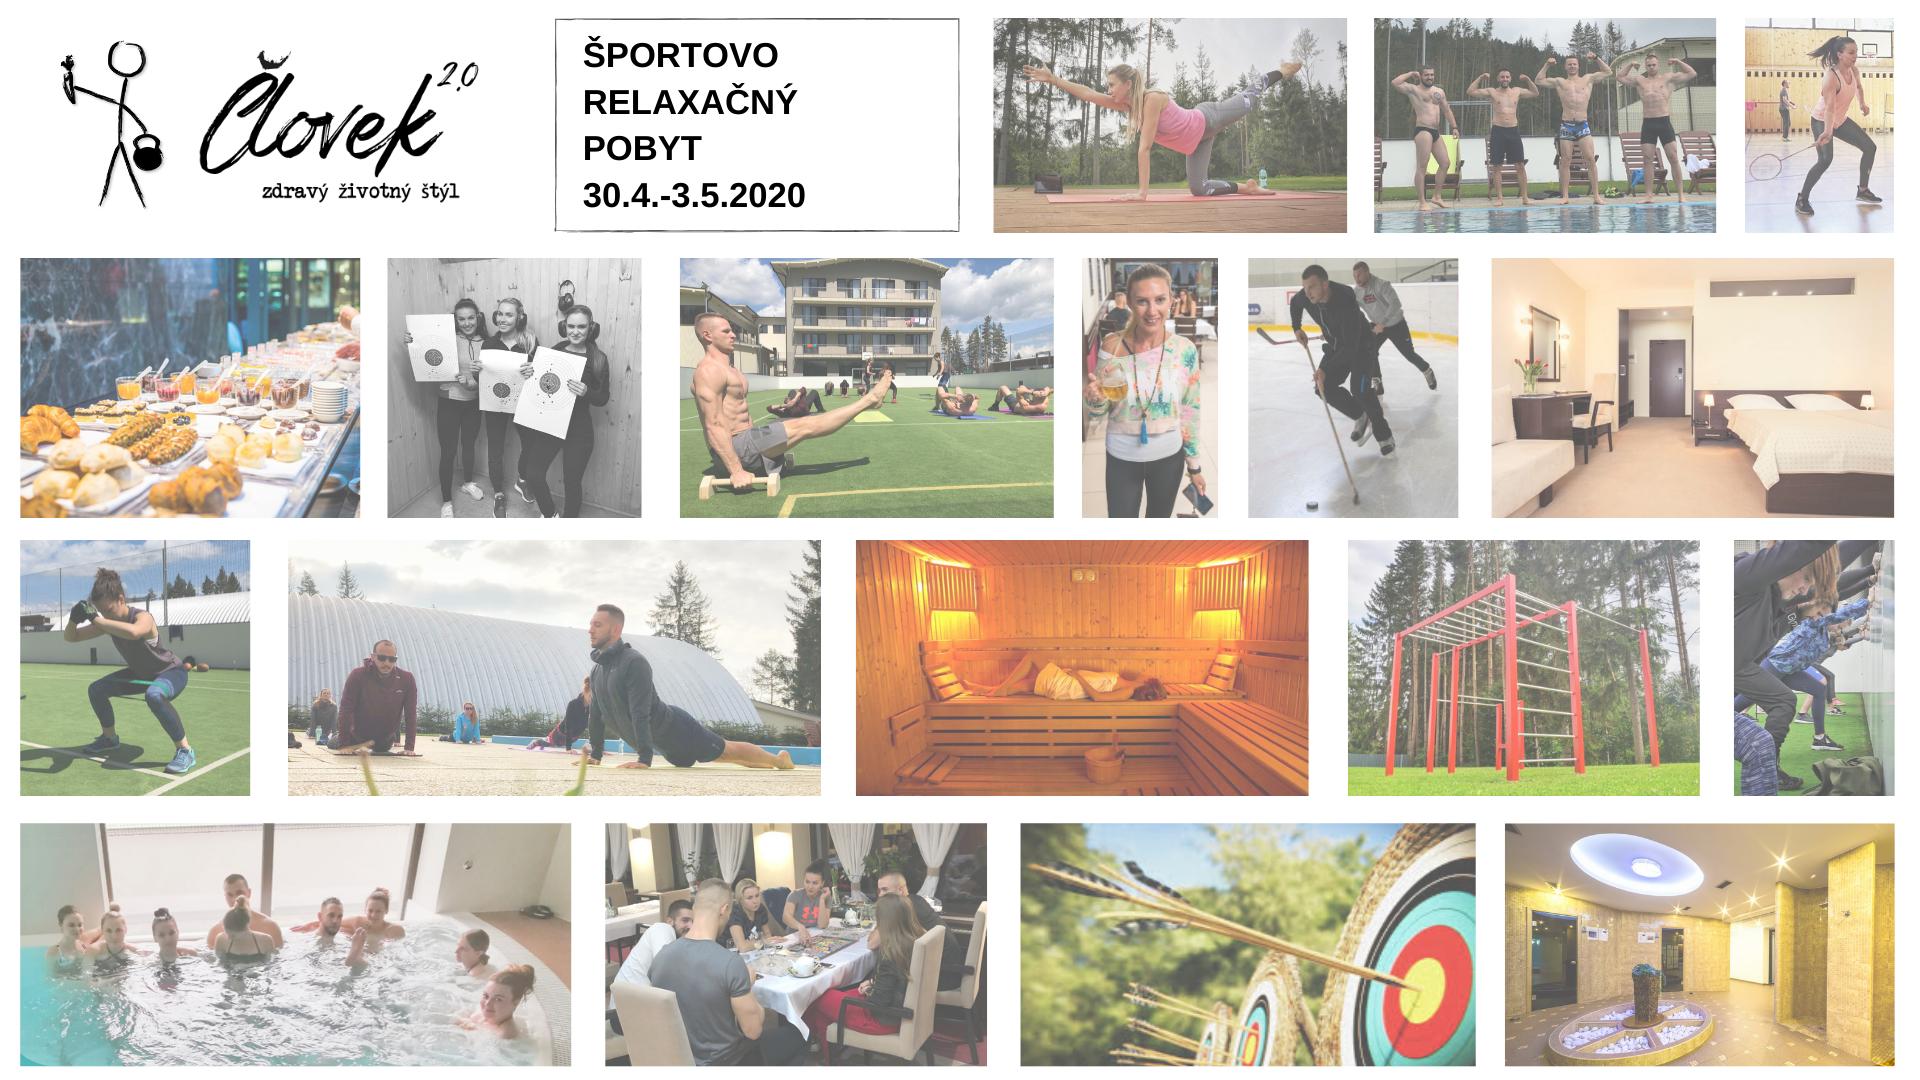 ŠPORTOVO-RELAXAČNÝ POBYT 30.4.-3.5.2020 (1)